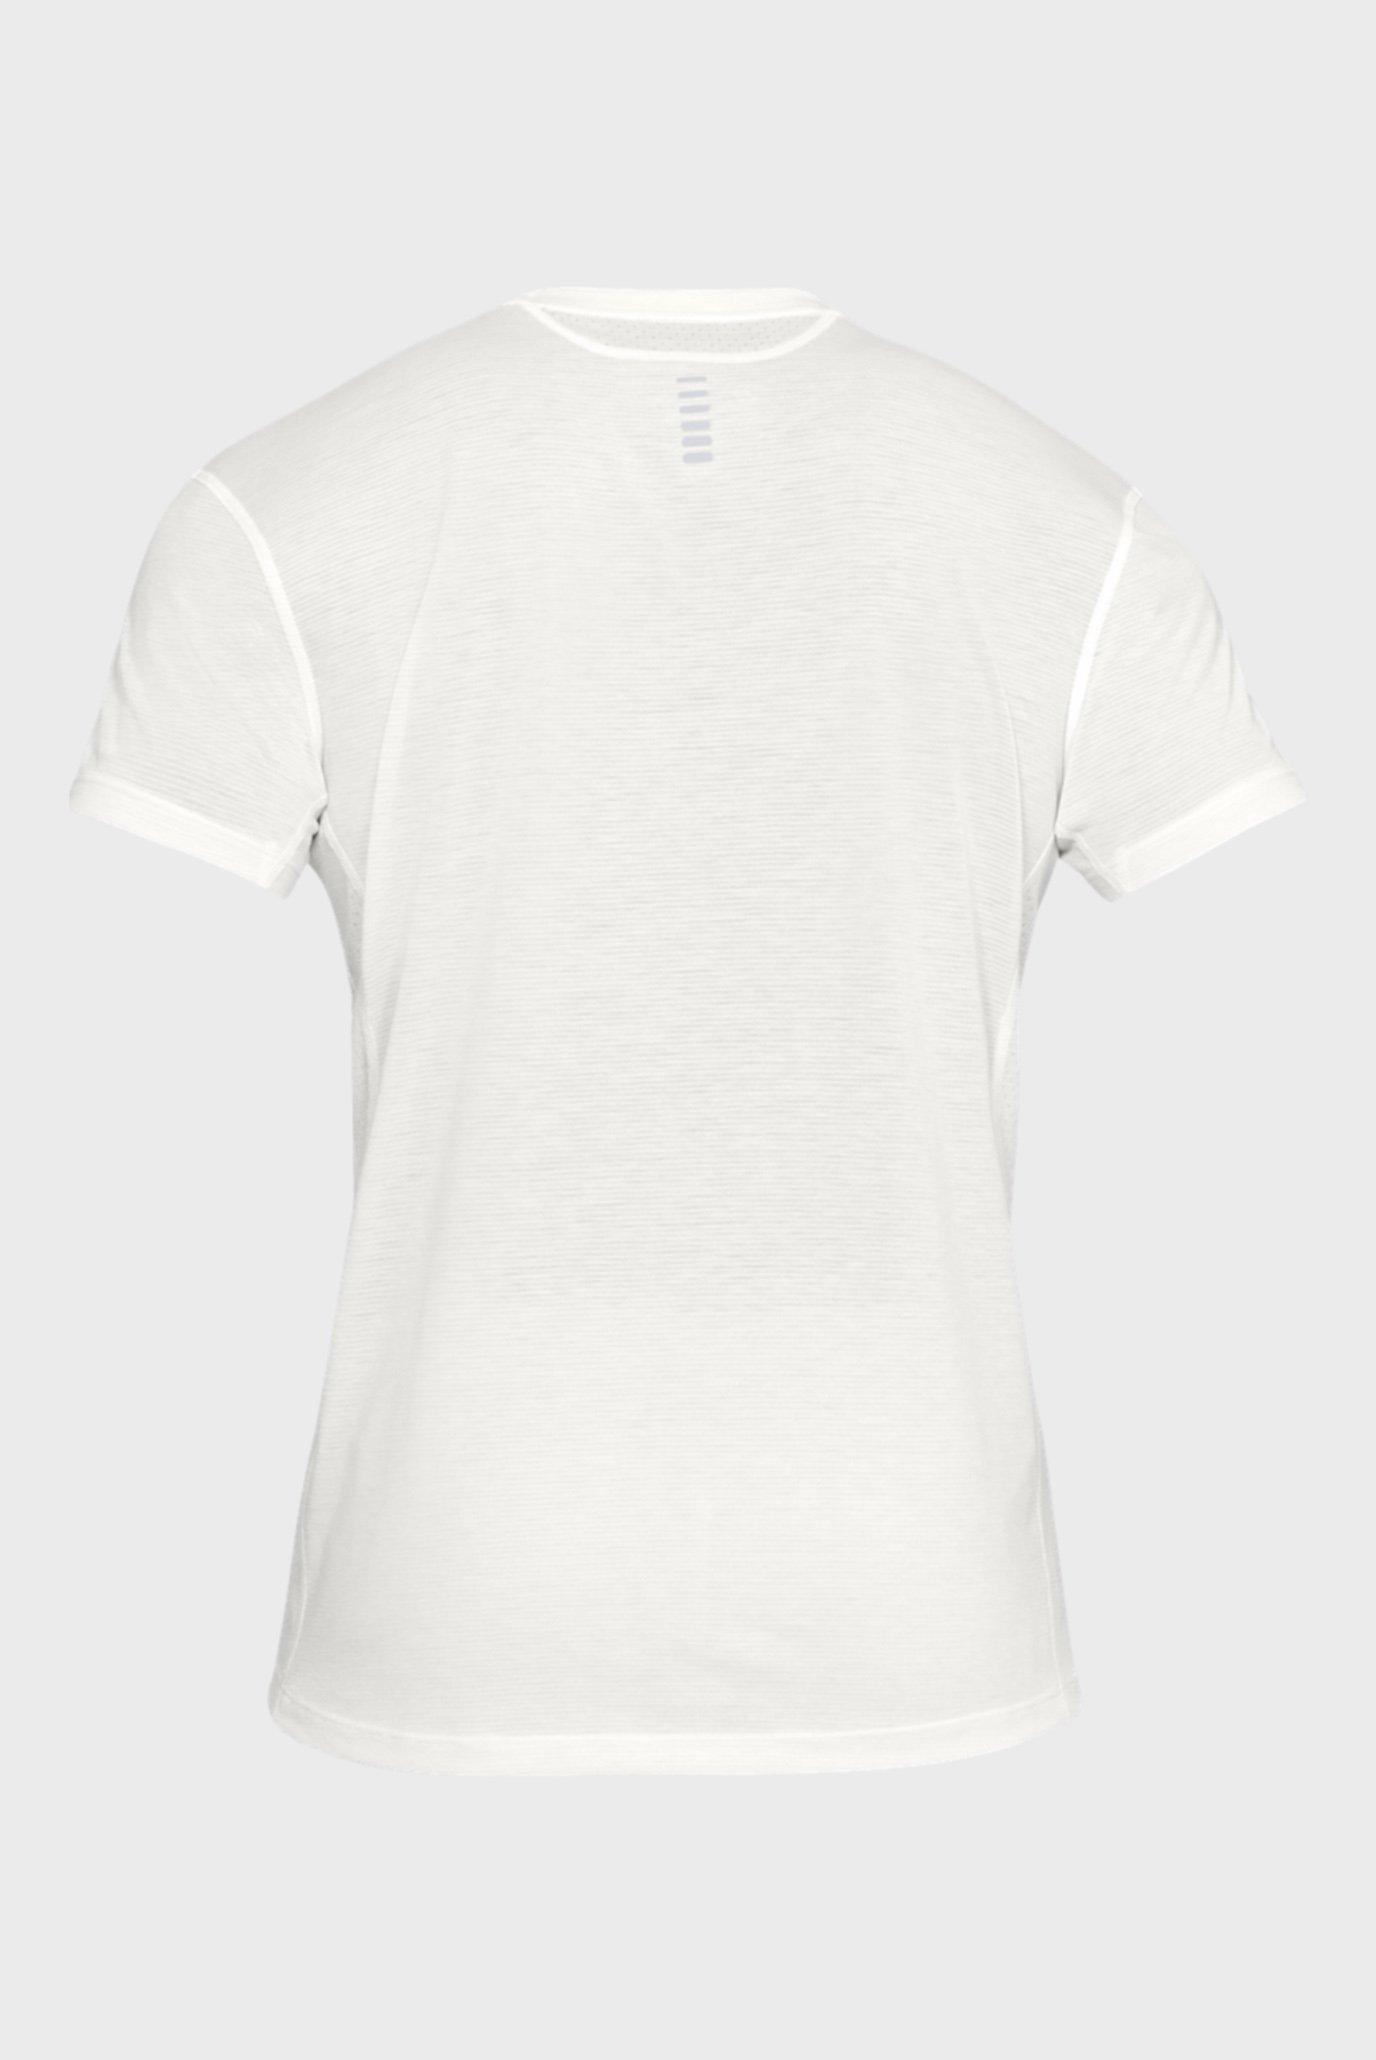 Купить Мужская белая футболка UA STREAKER 2.0 SHORTSLEEVE Under Armour Under Armour 1326579-112 – Киев, Украина. Цены в интернет магазине MD Fashion